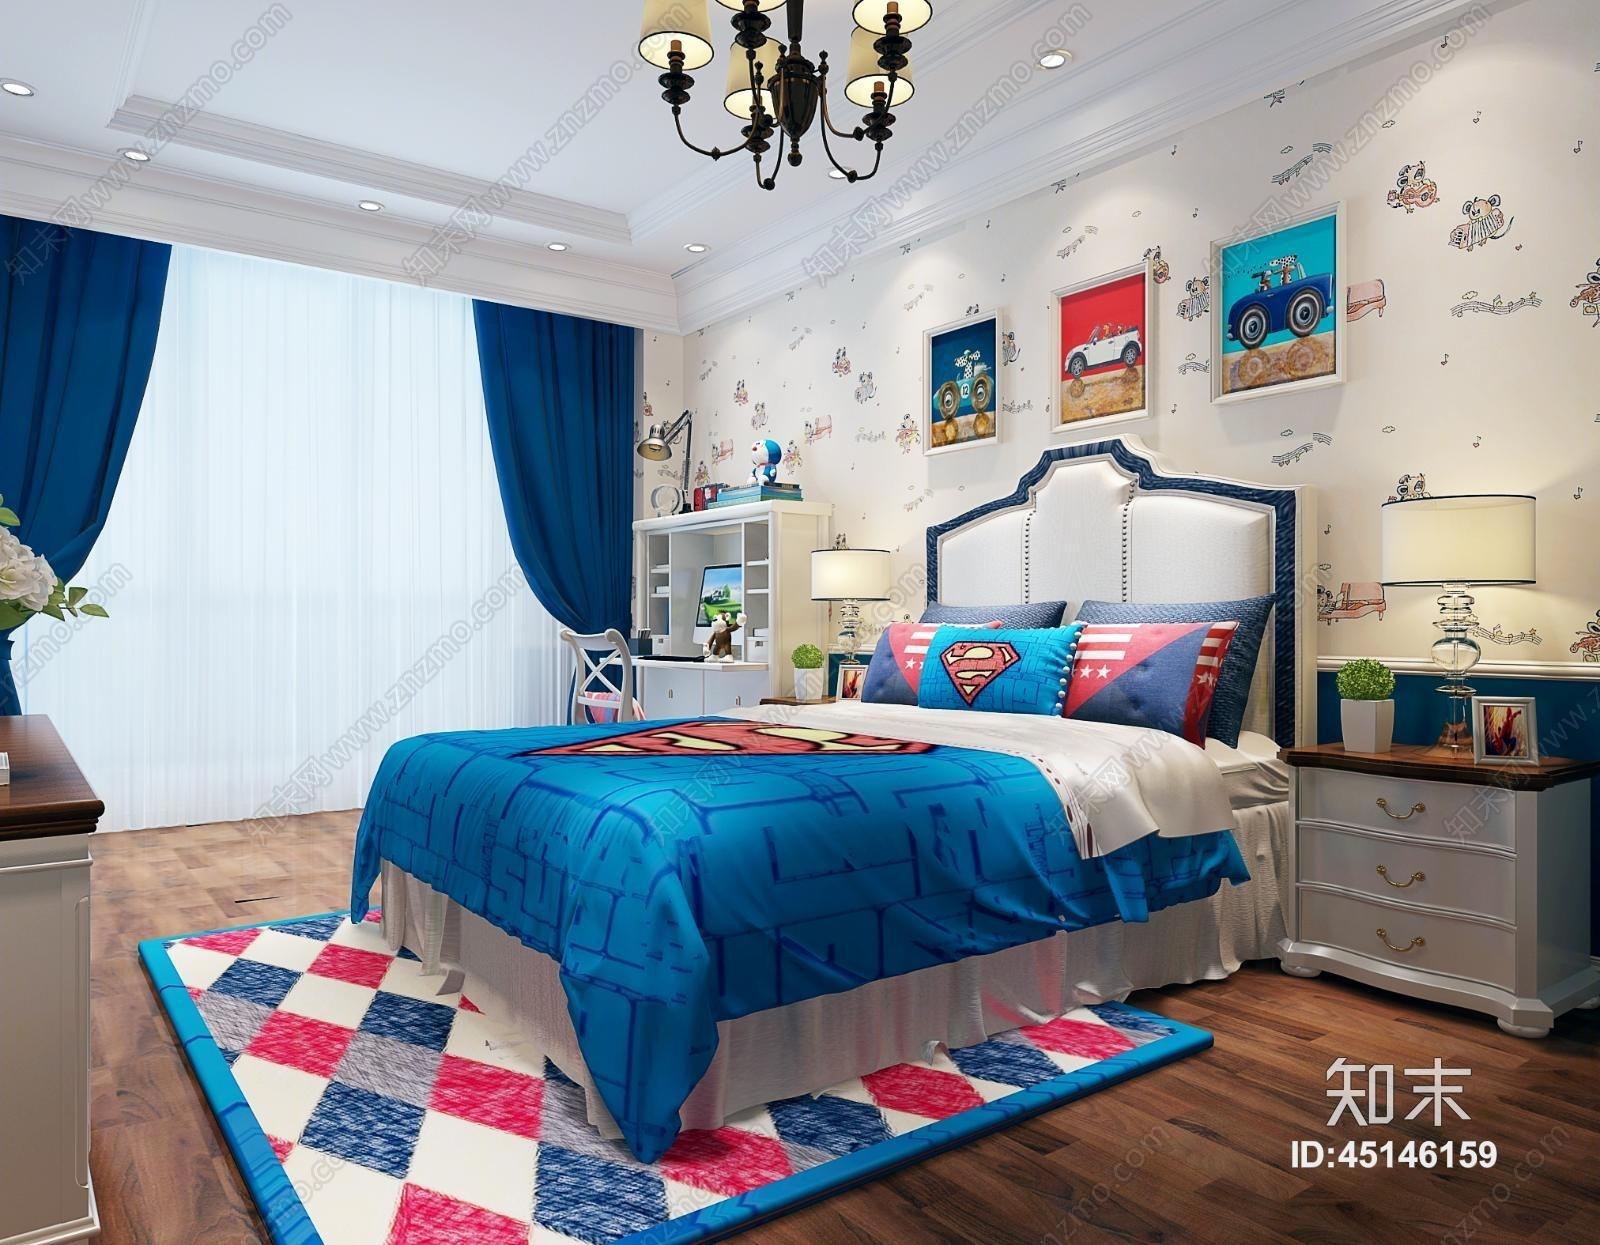 欧式简约男孩儿童房 双人床 壁纸 台灯 吊灯 挂画 床头柜